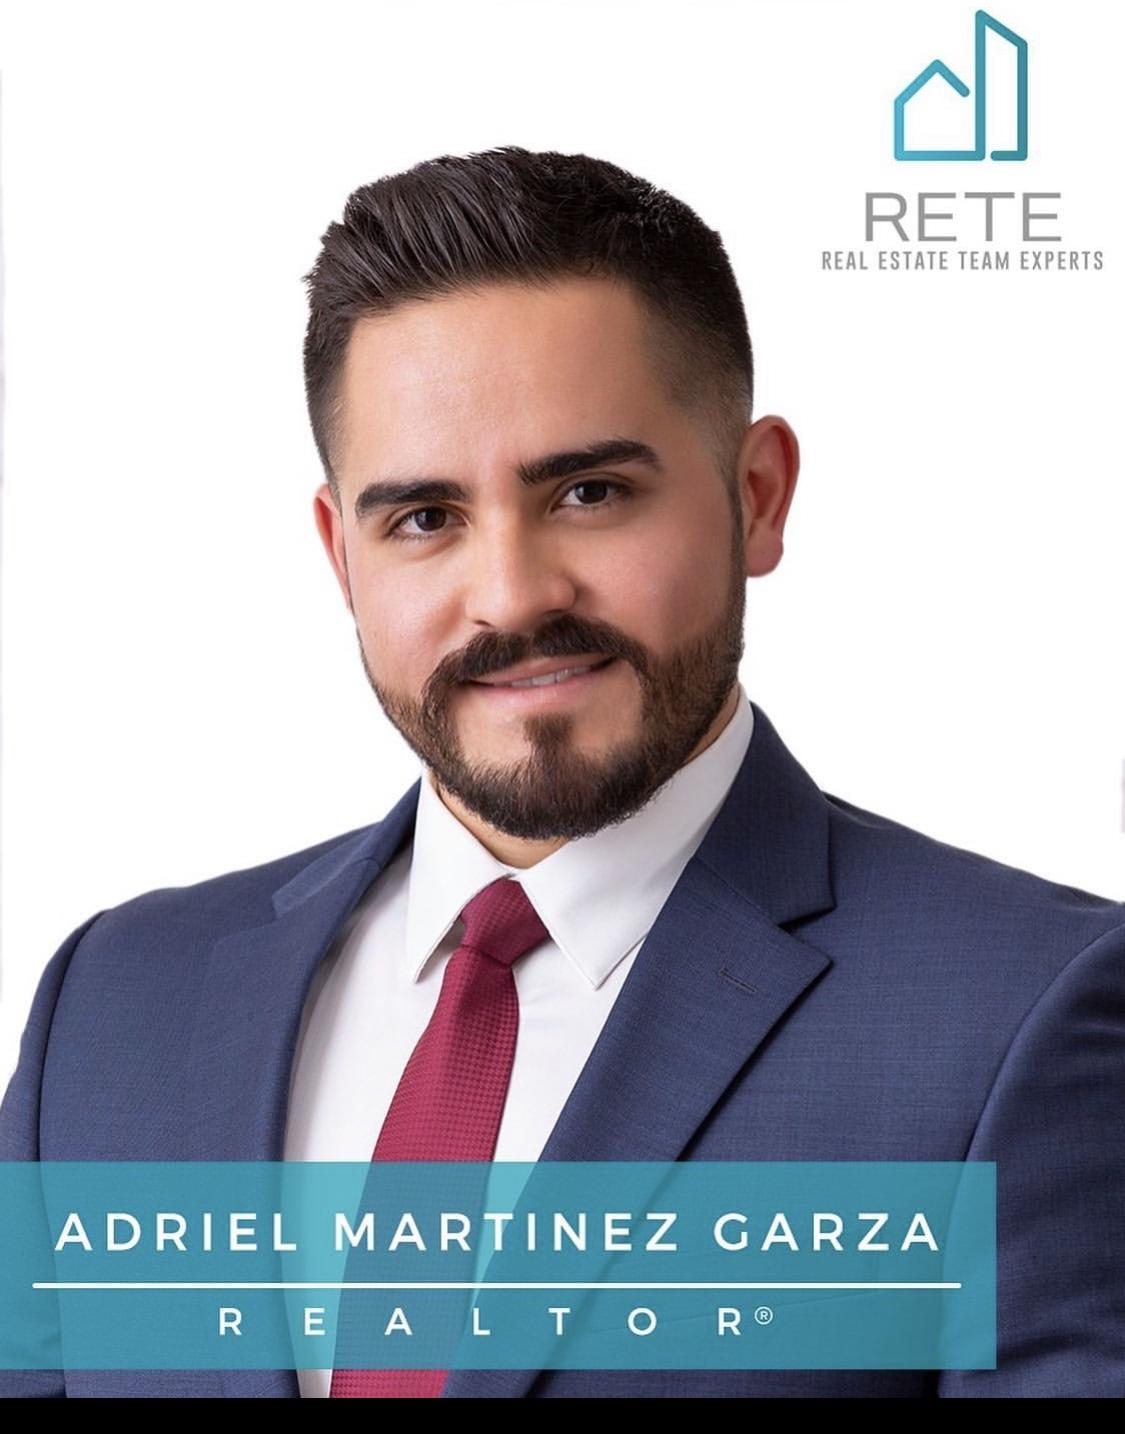 Adriel Martinez